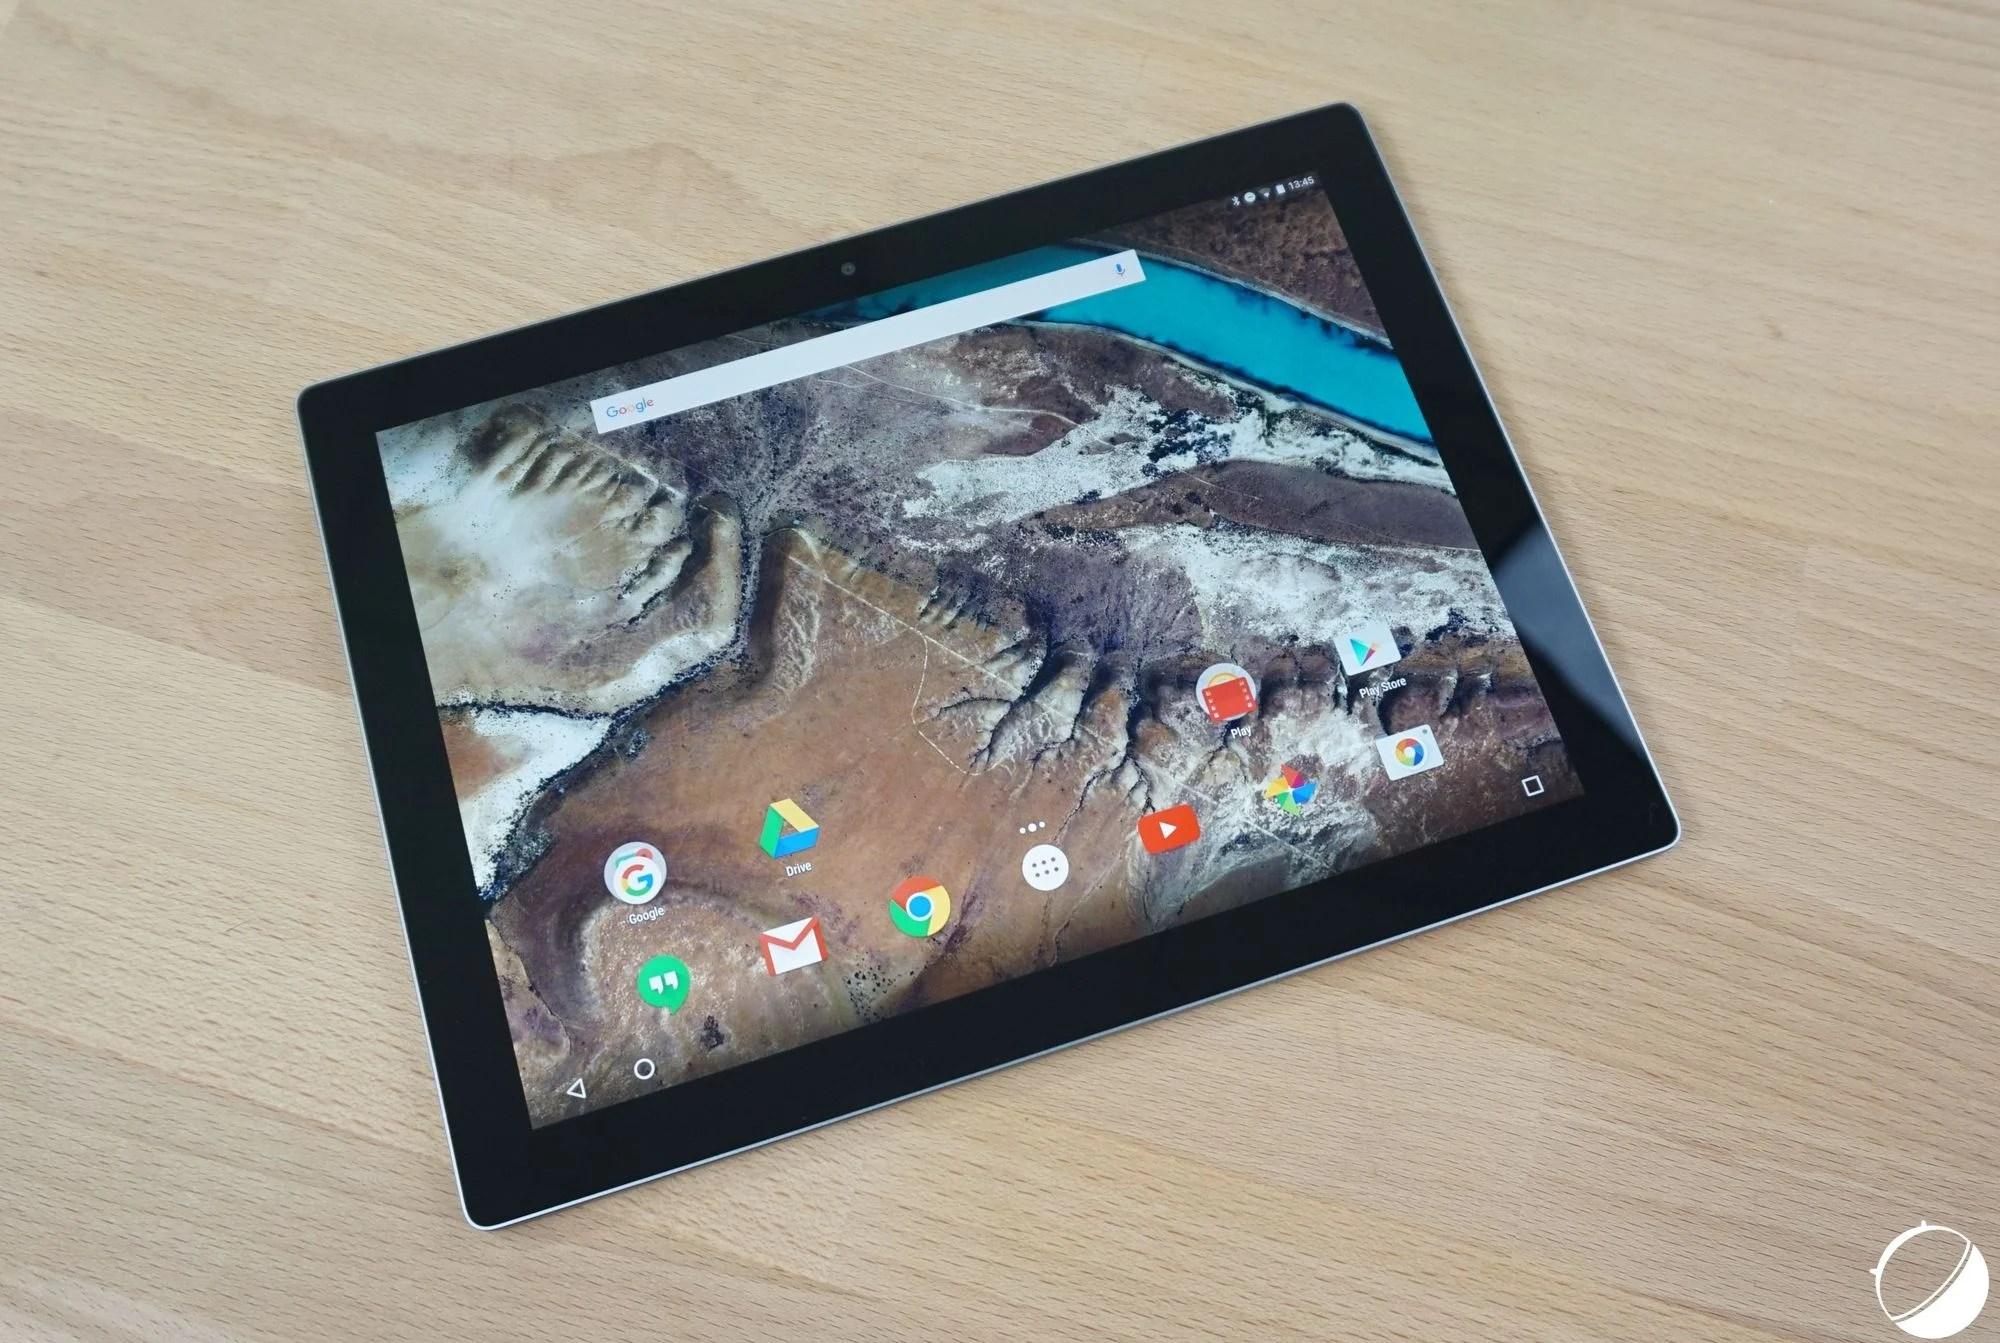 🔥 Bon plan : le Google Pixel C est à 349 euros au lieu de 600 euros sur le Google Store